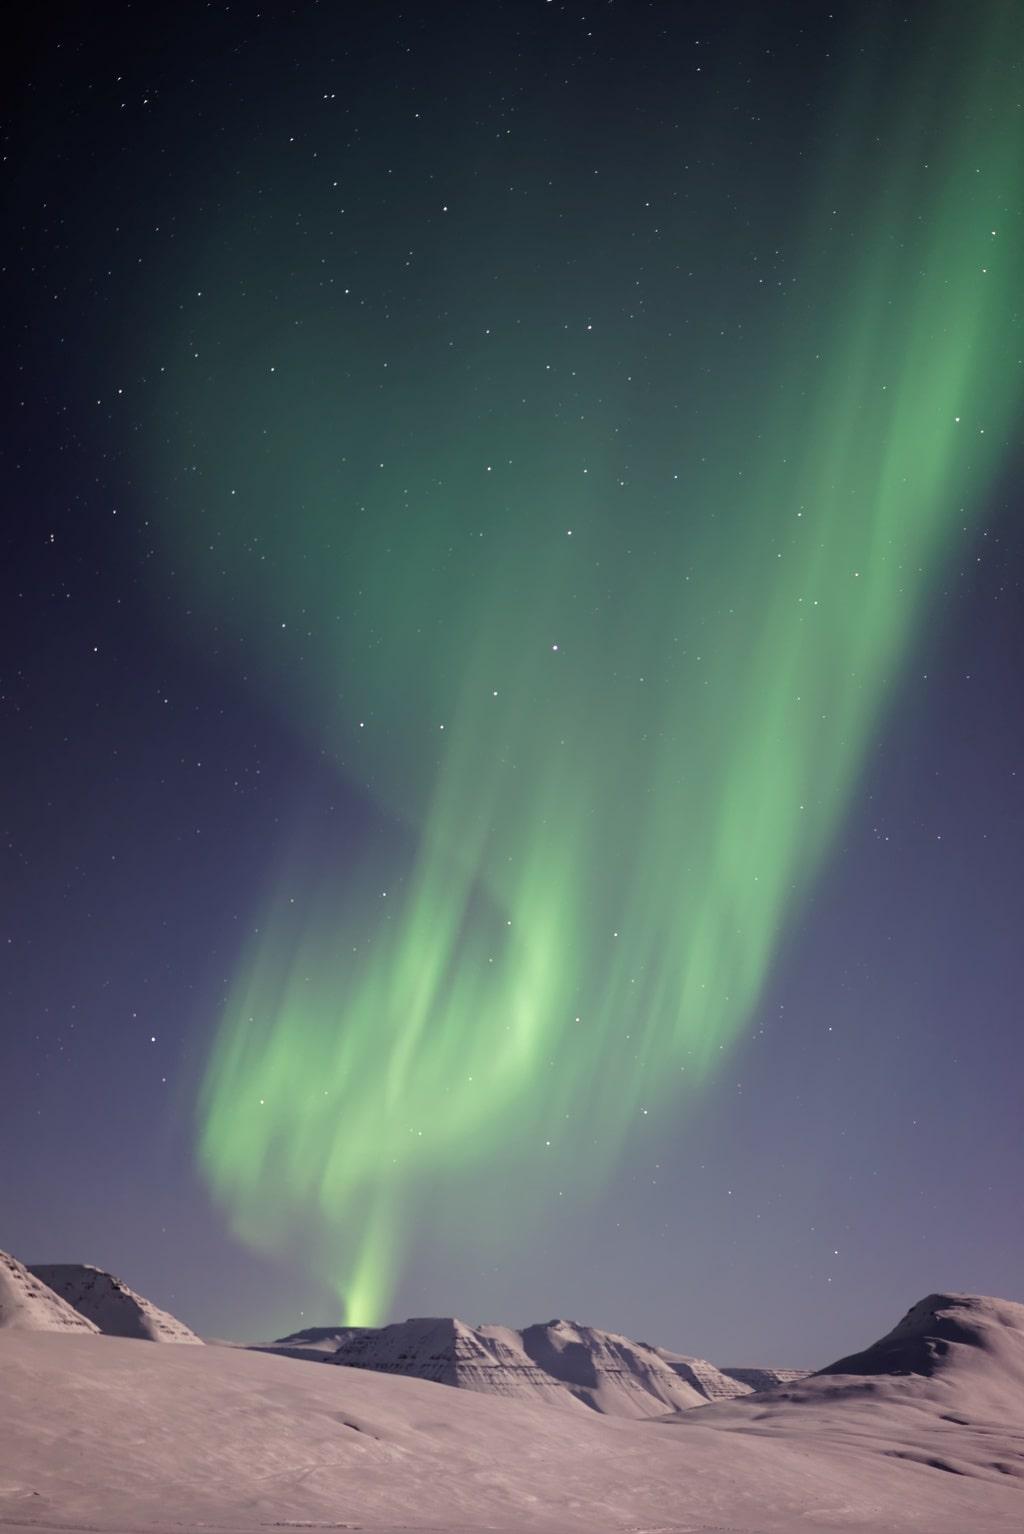 Aurora borealis in the sky over desert mountains